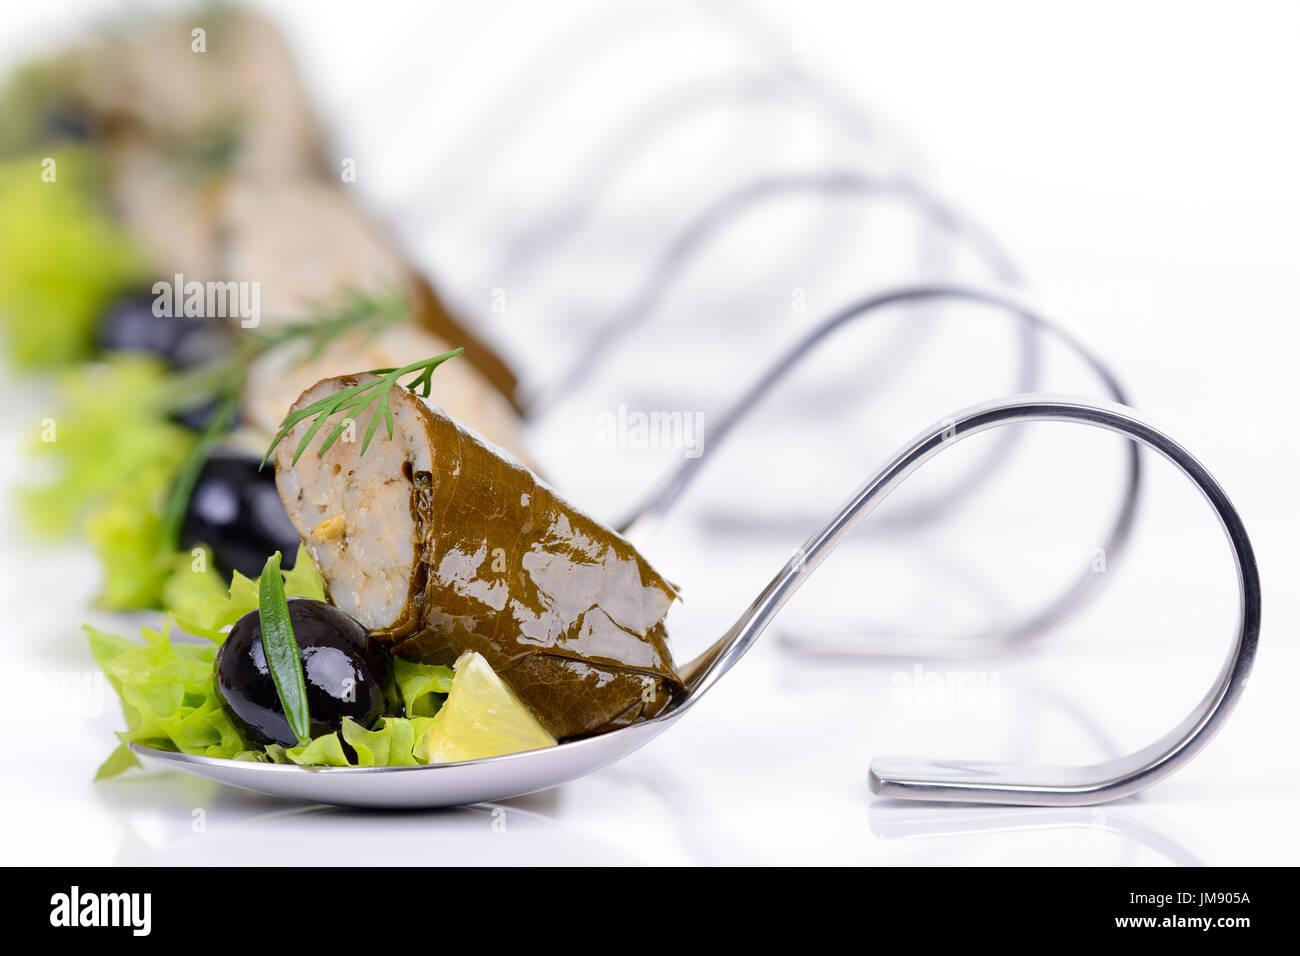 Feuilles de vigne farcies aux olives noires sur à soupe Photo Stock